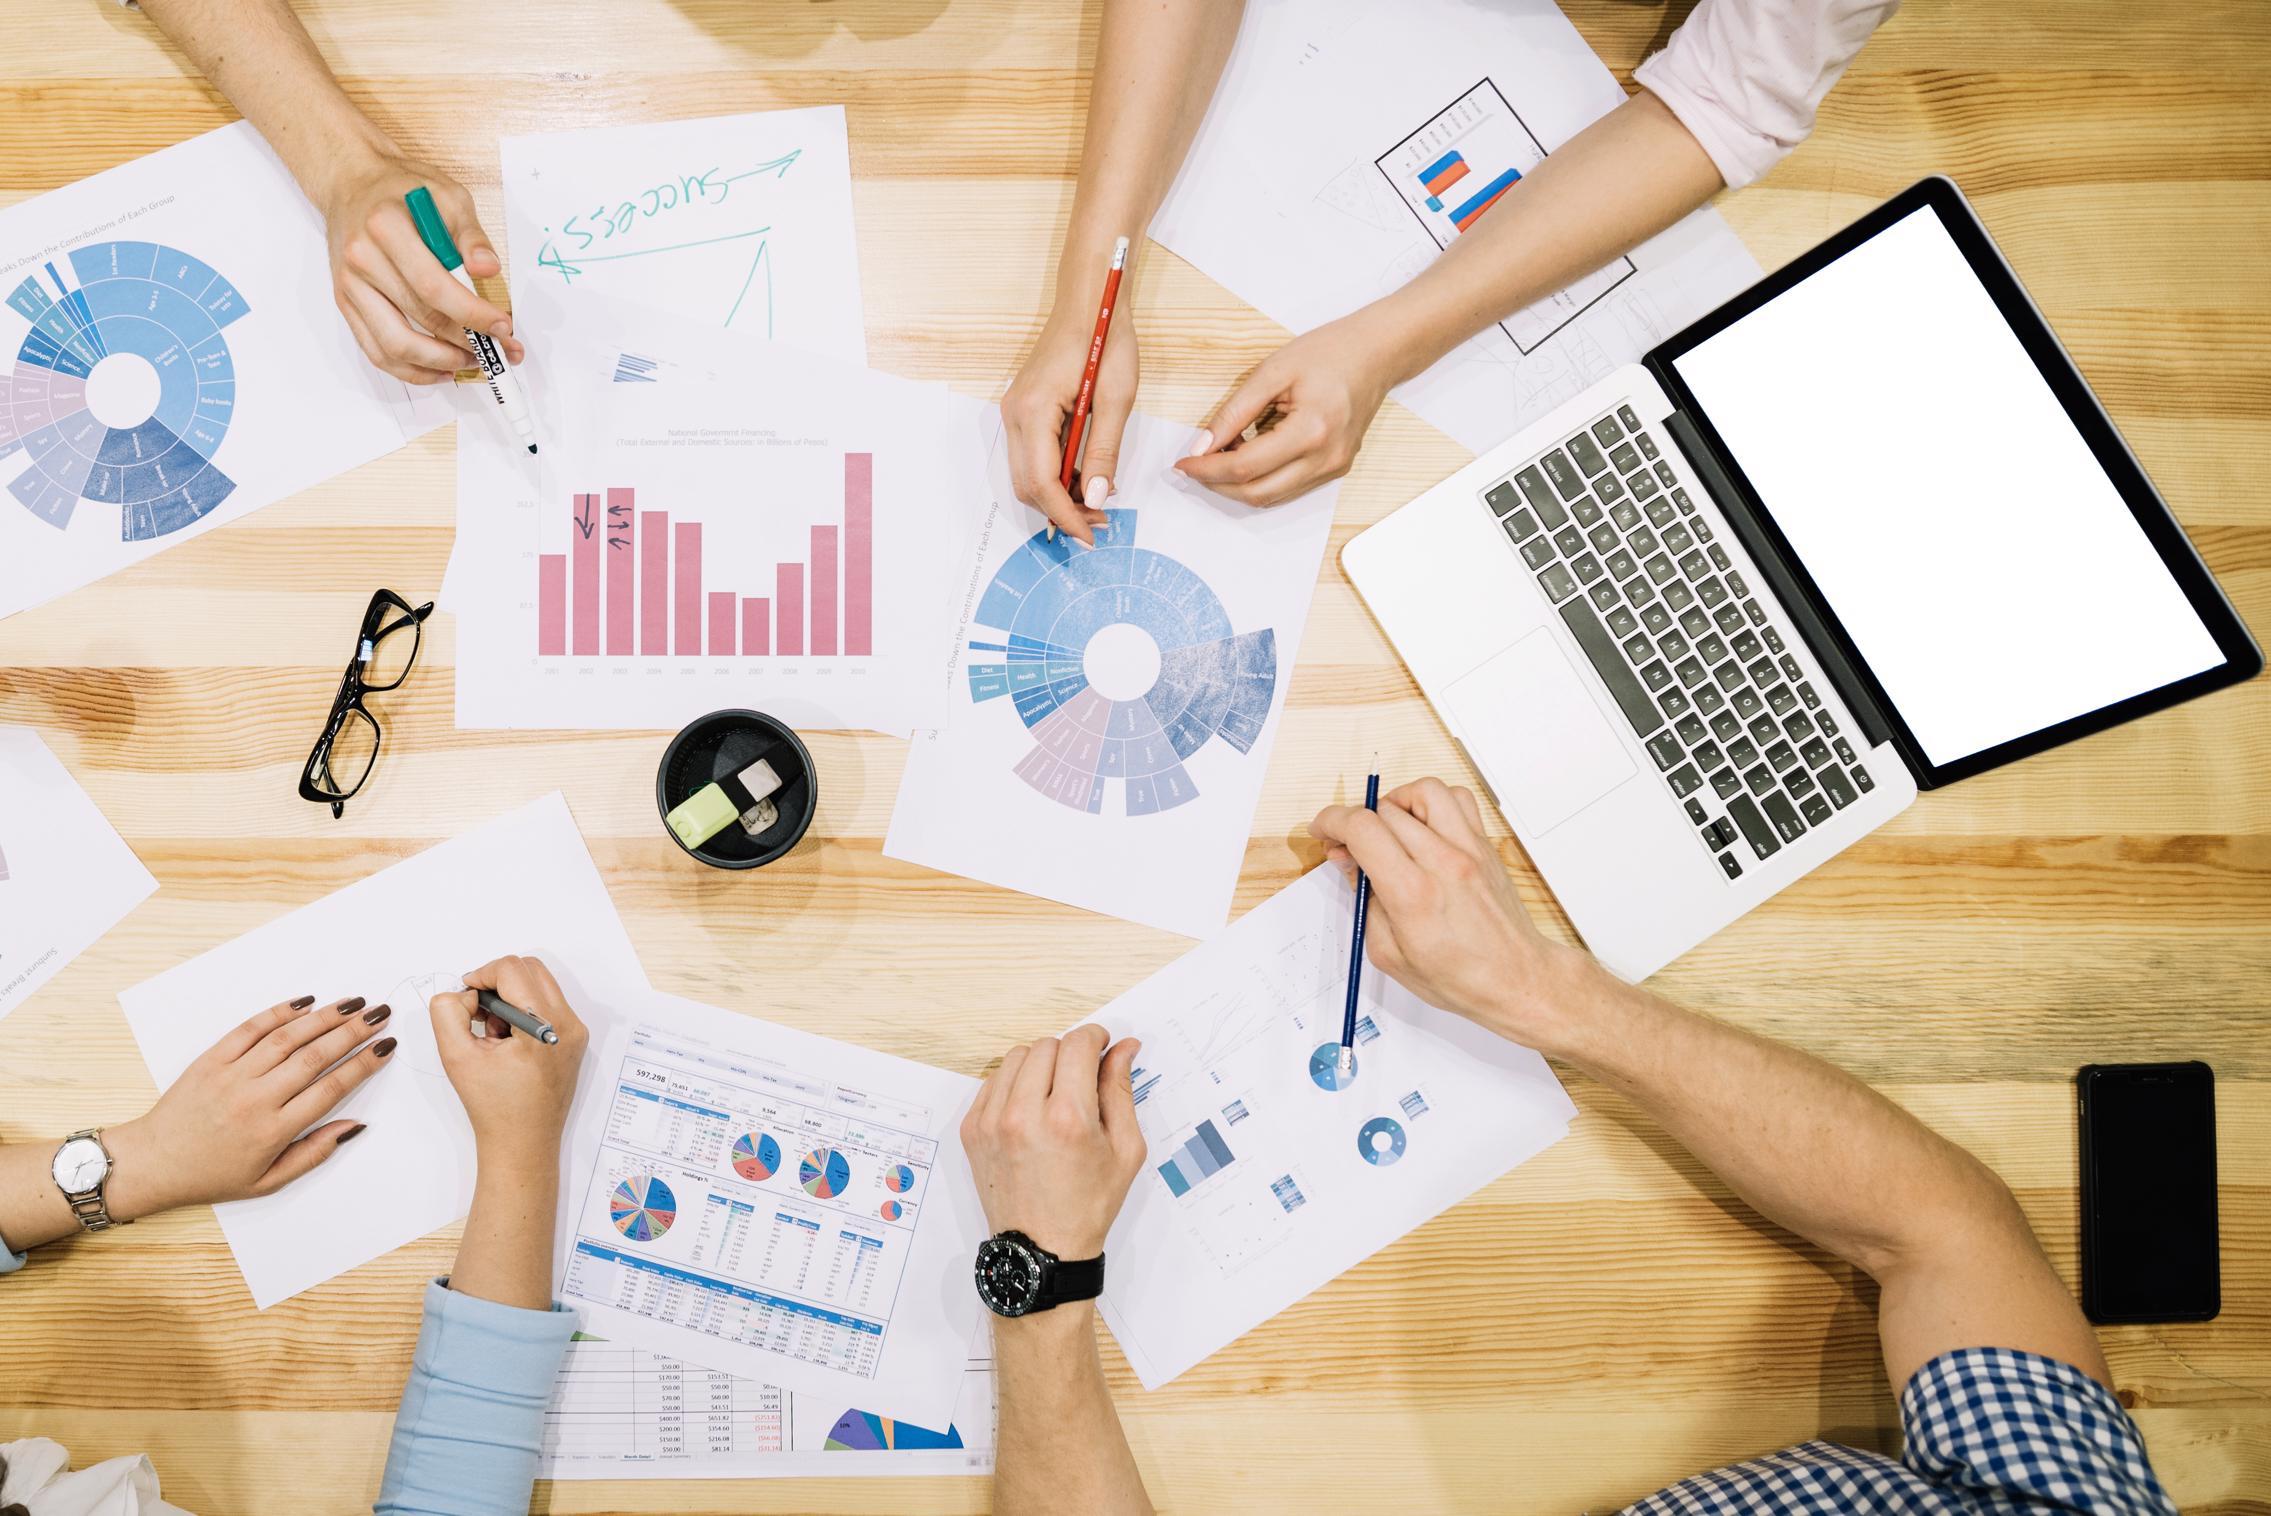 נהלים ארגוניים – למה זה טוב לנו?